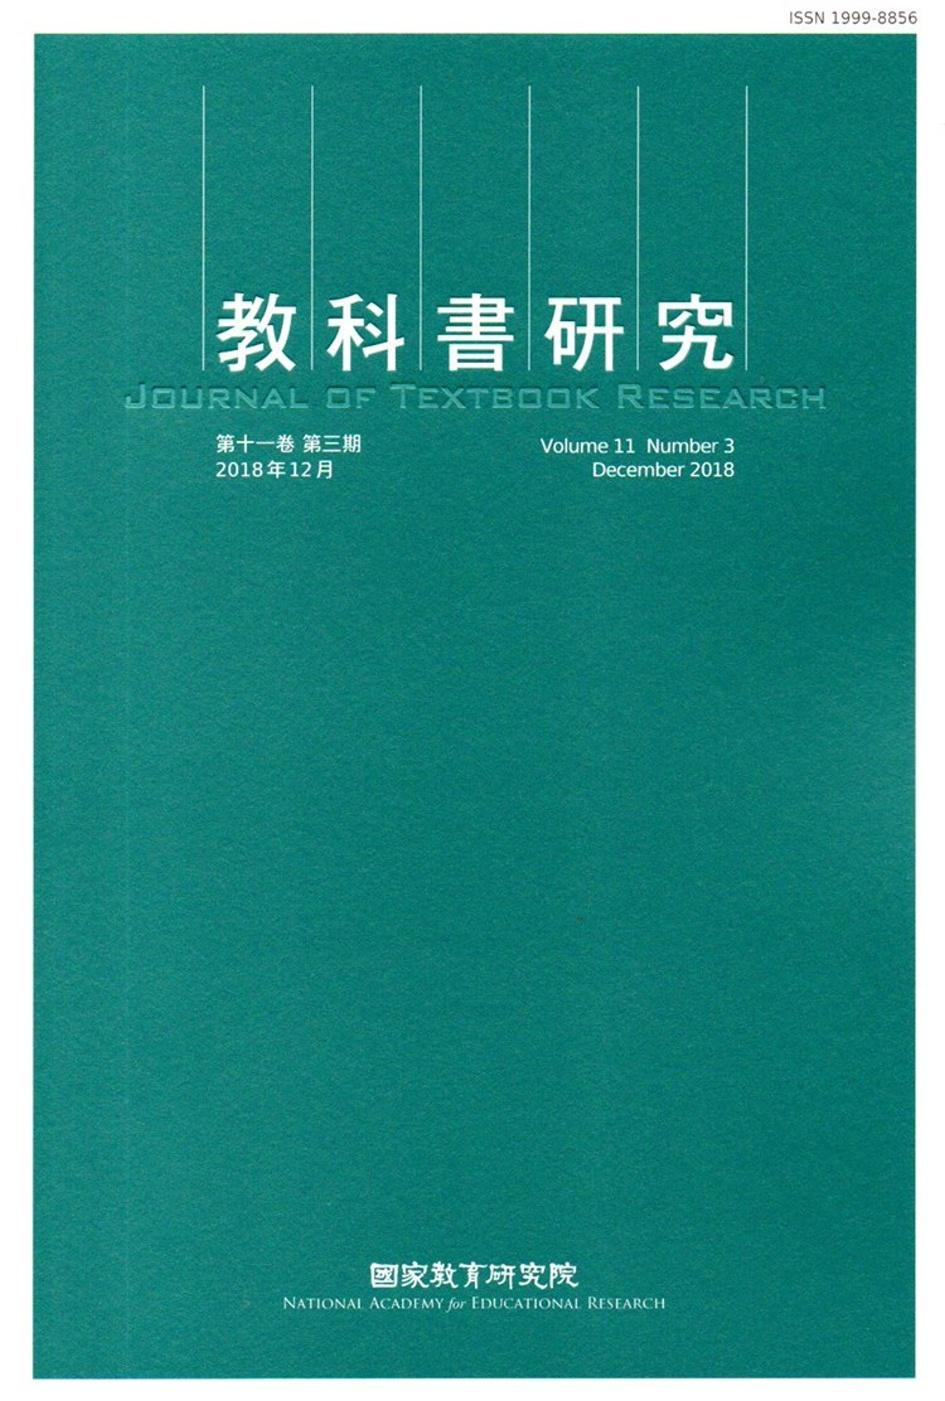 教科書研究第11卷3期(2018/12)